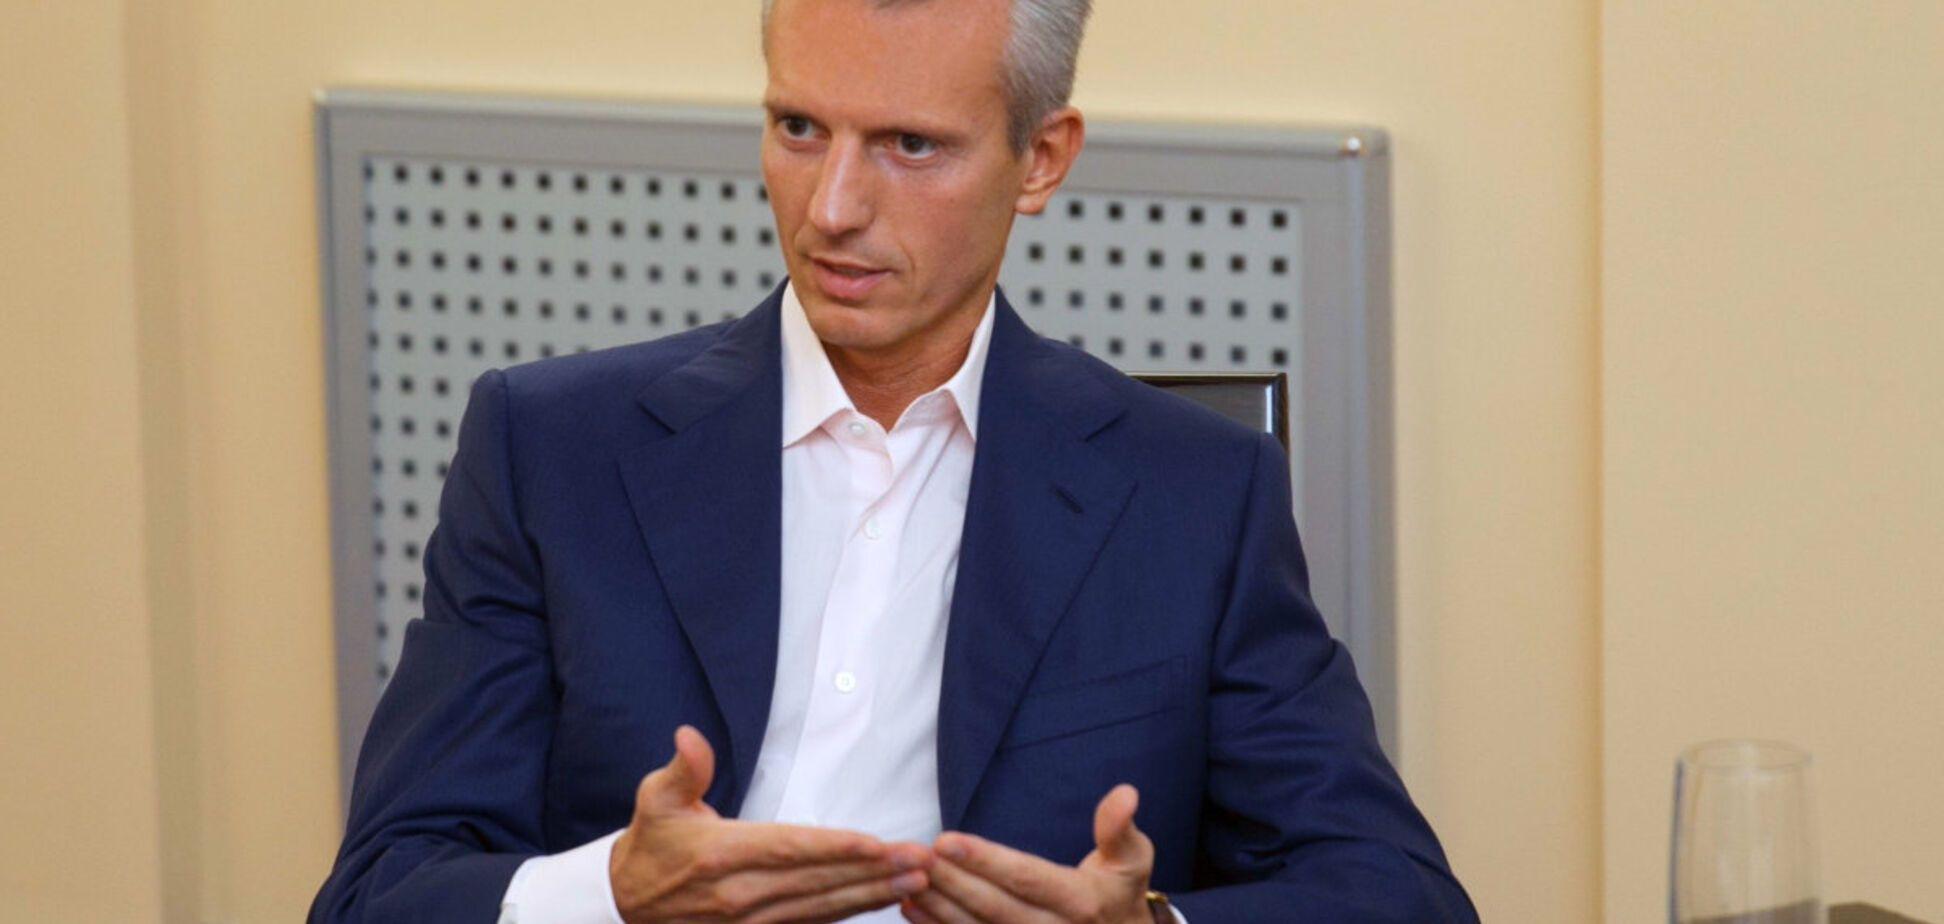 Хорошковський вже місяць контролює Сбербанк - ЗМІ